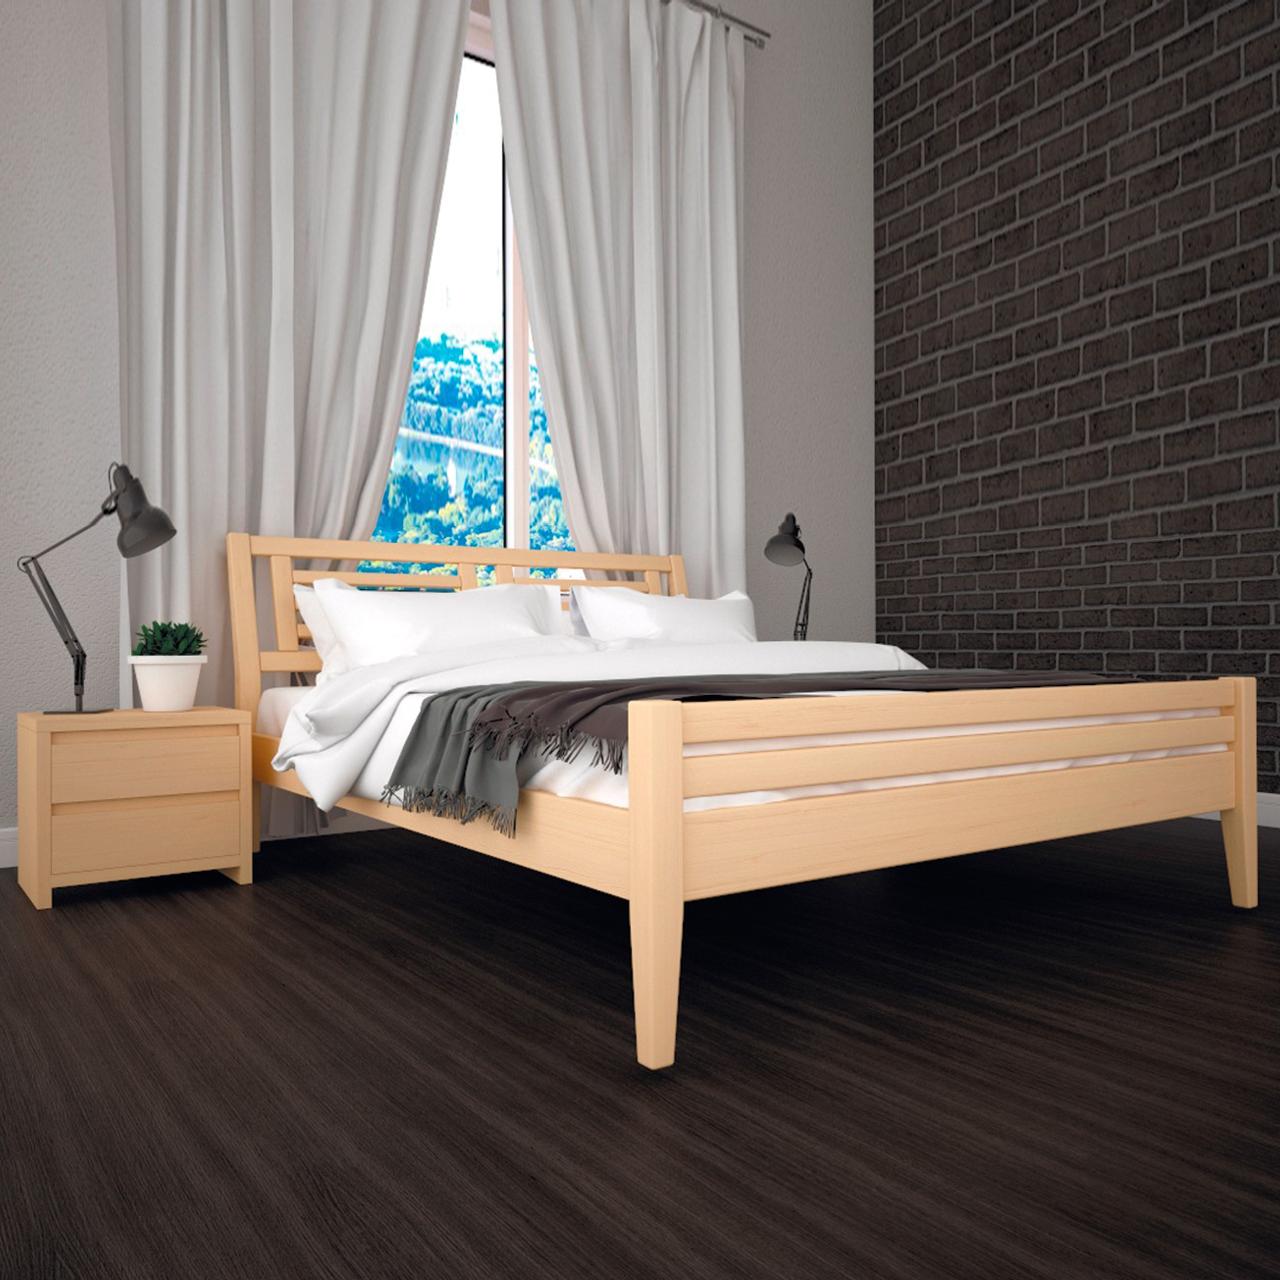 Кровать деревянная Мия-1 односпальная